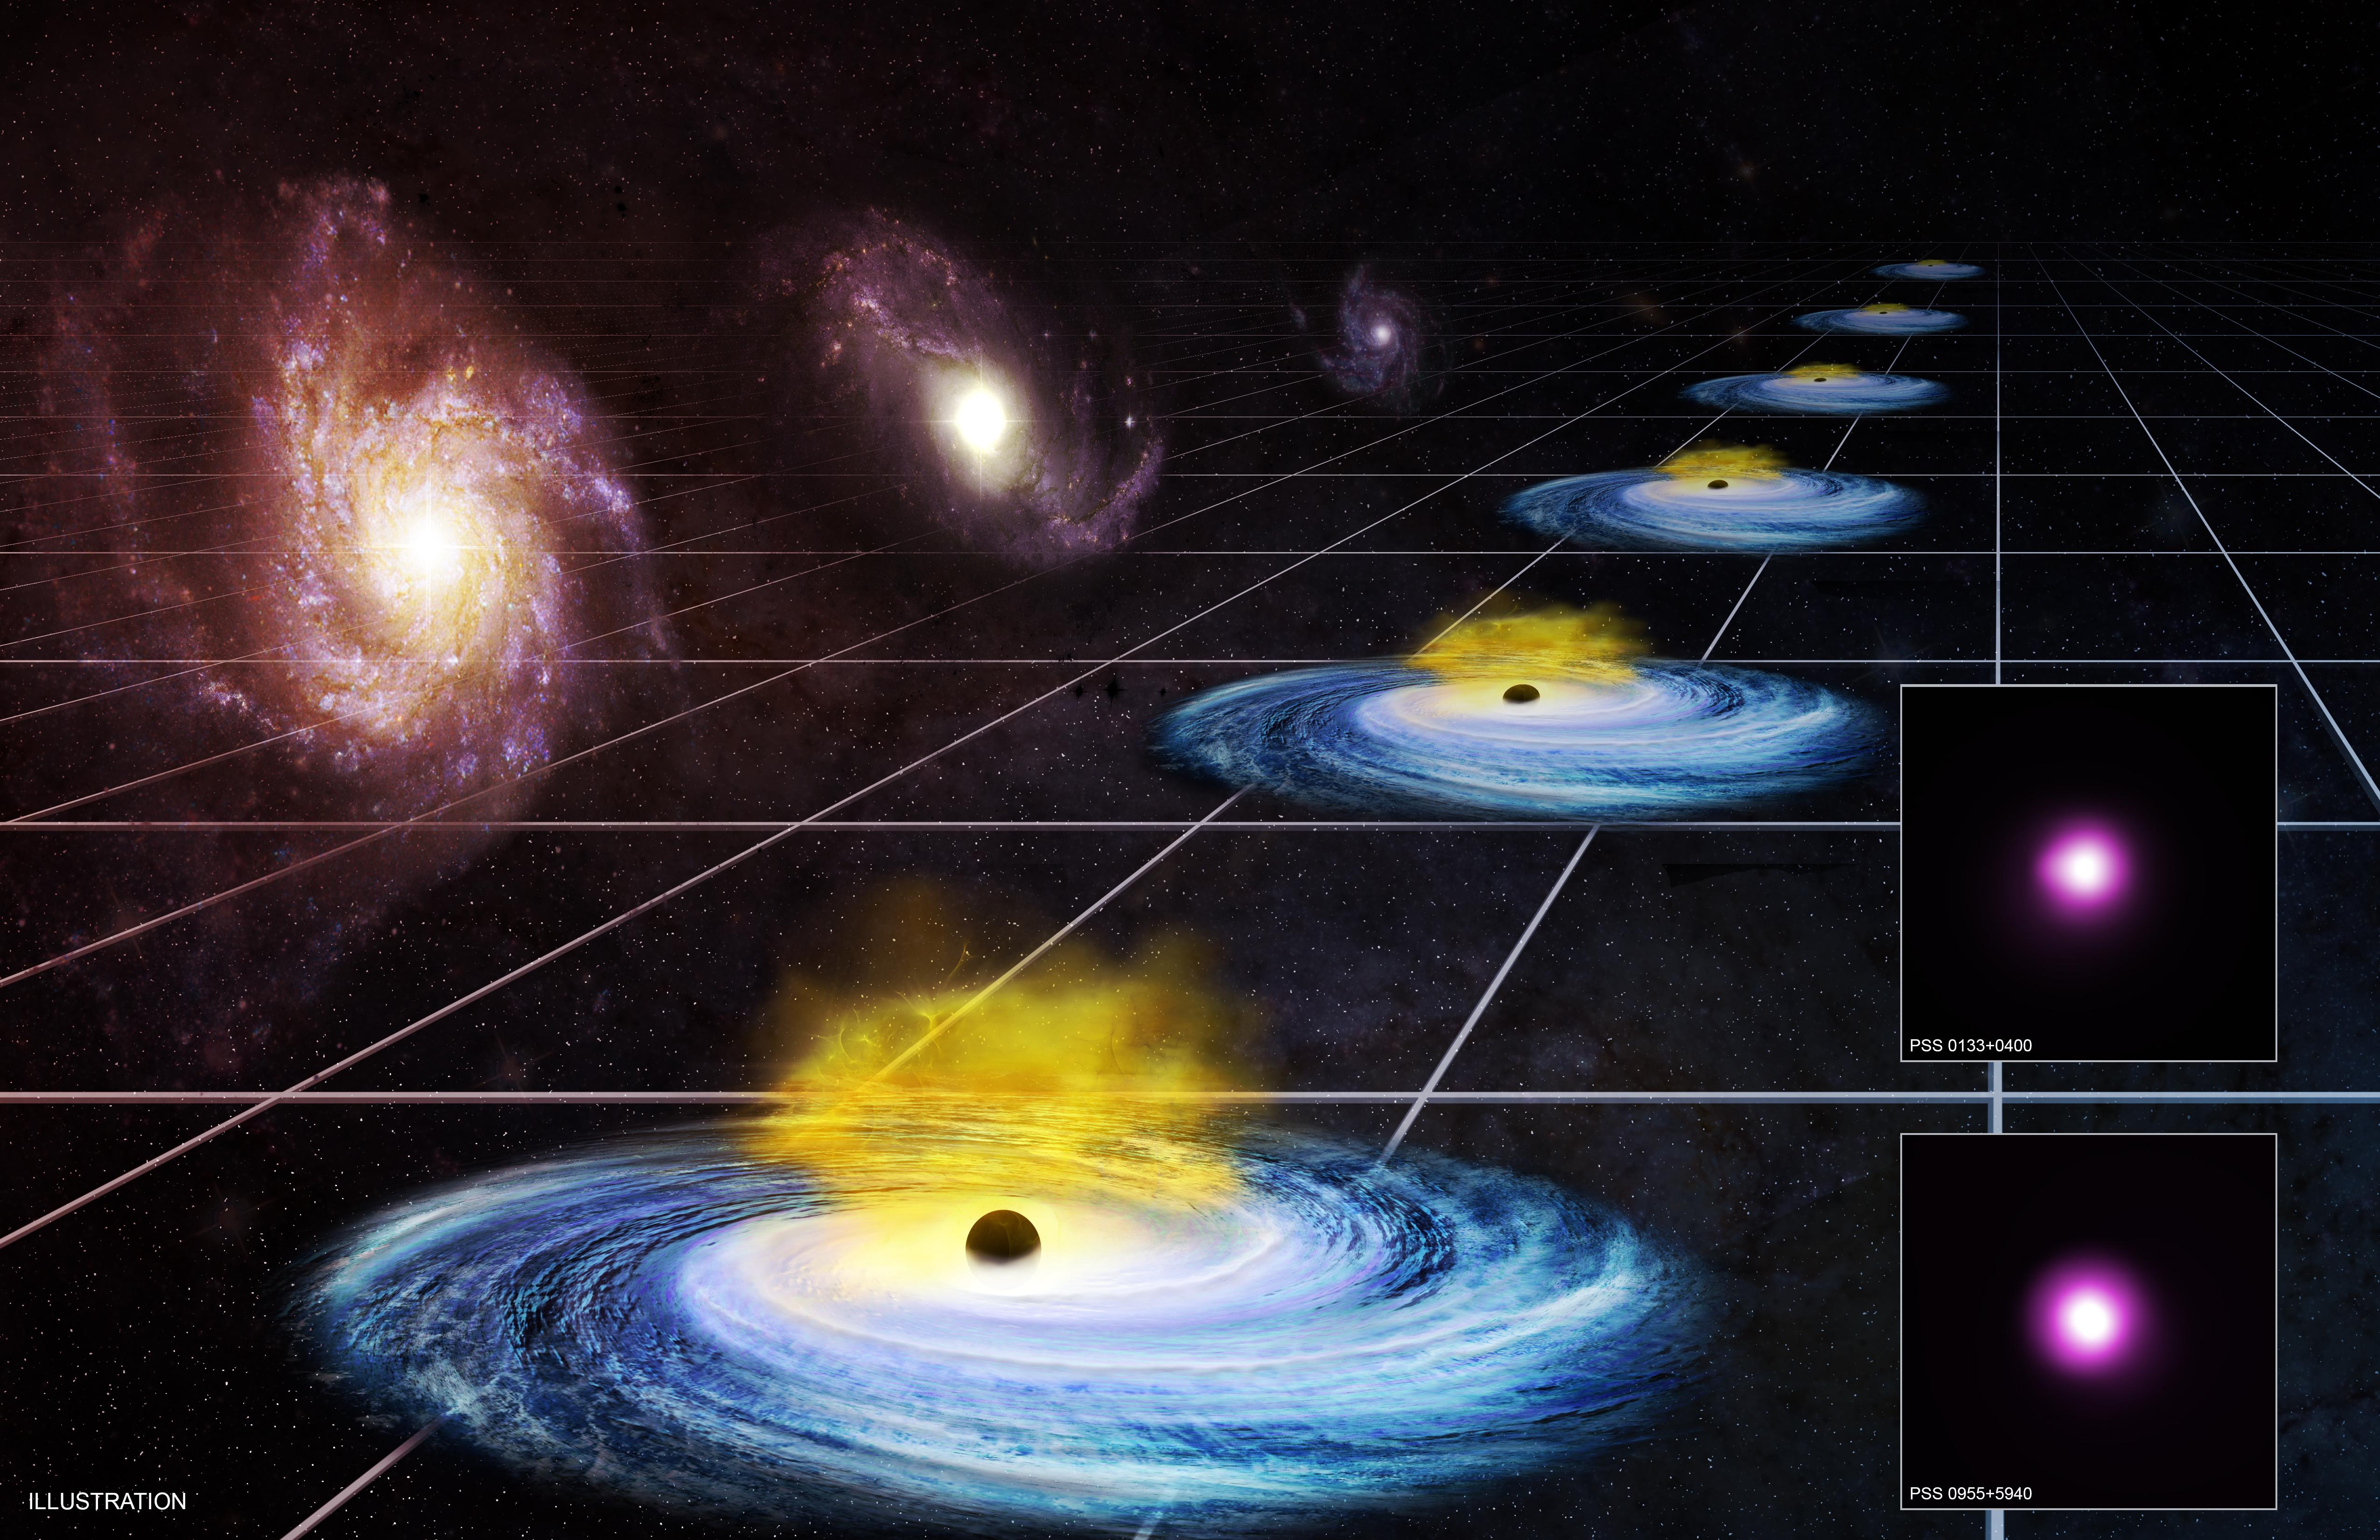 Podle nových měření vzdálených galaxií se rozpínání vesmíru zrychluje víc, než se předpokládalo